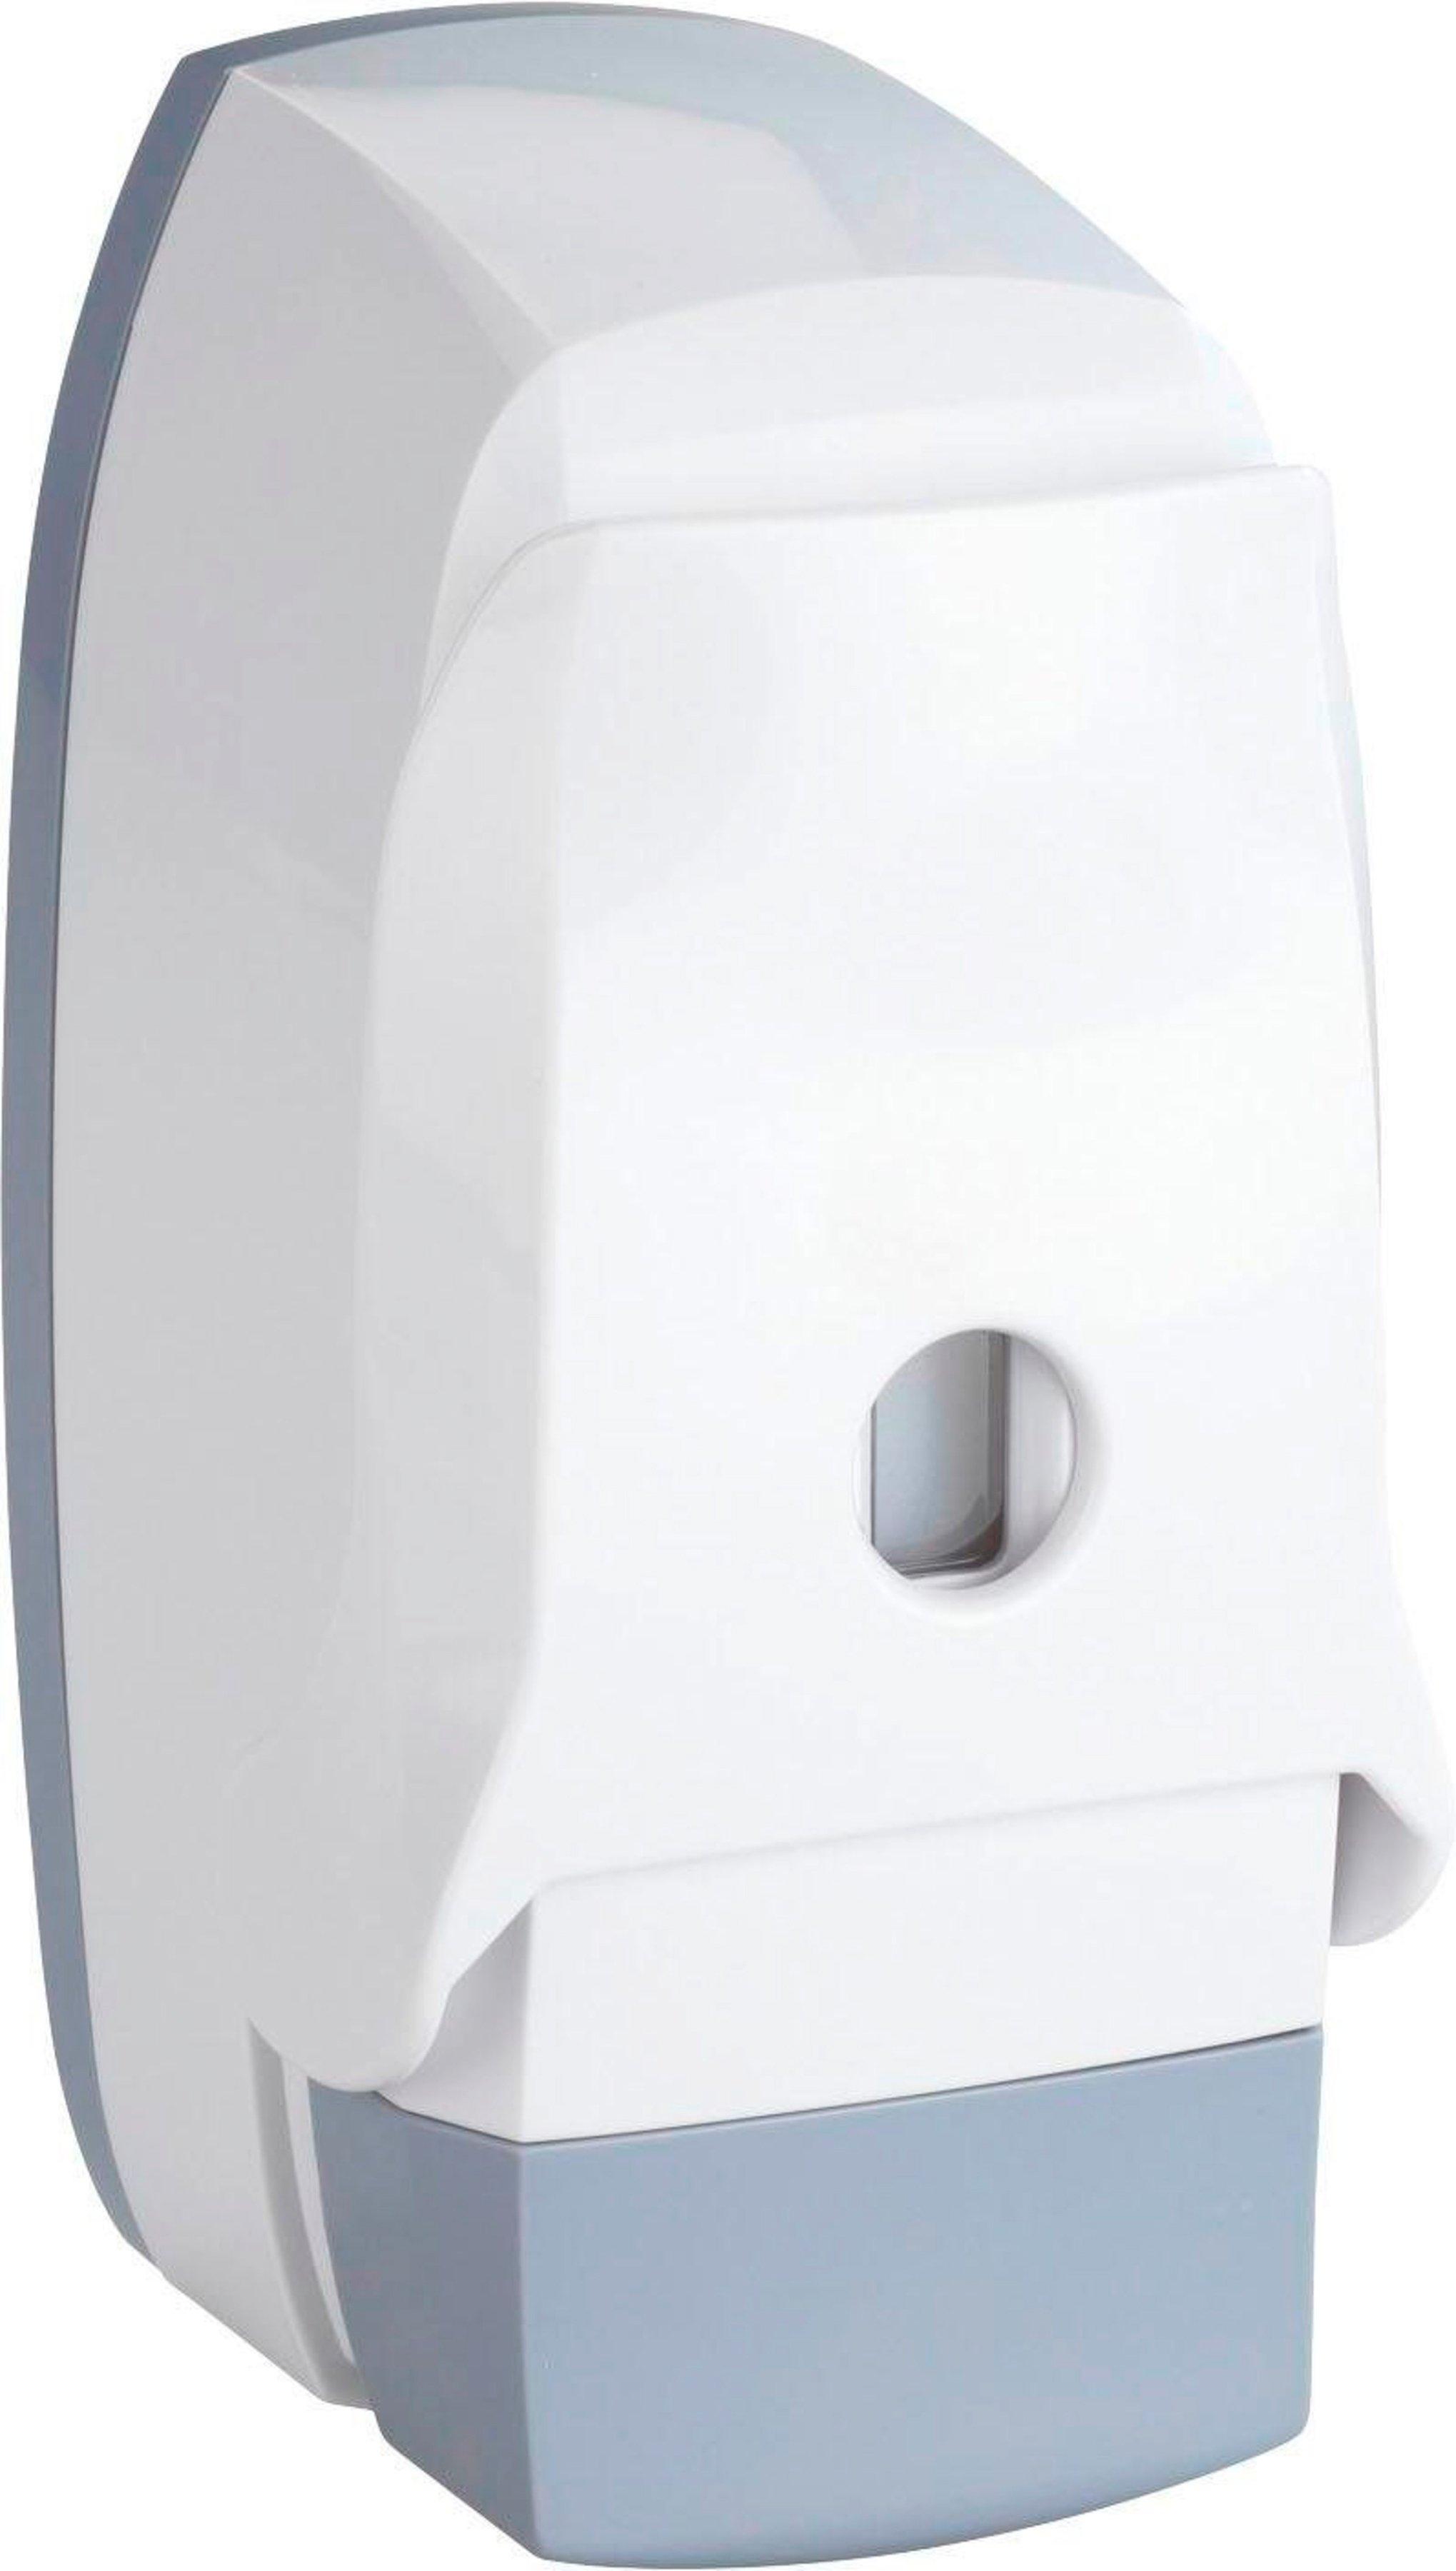 WENKO Desinfectiemiddel-dispenser Assolo - gratis ruilen op otto.nl